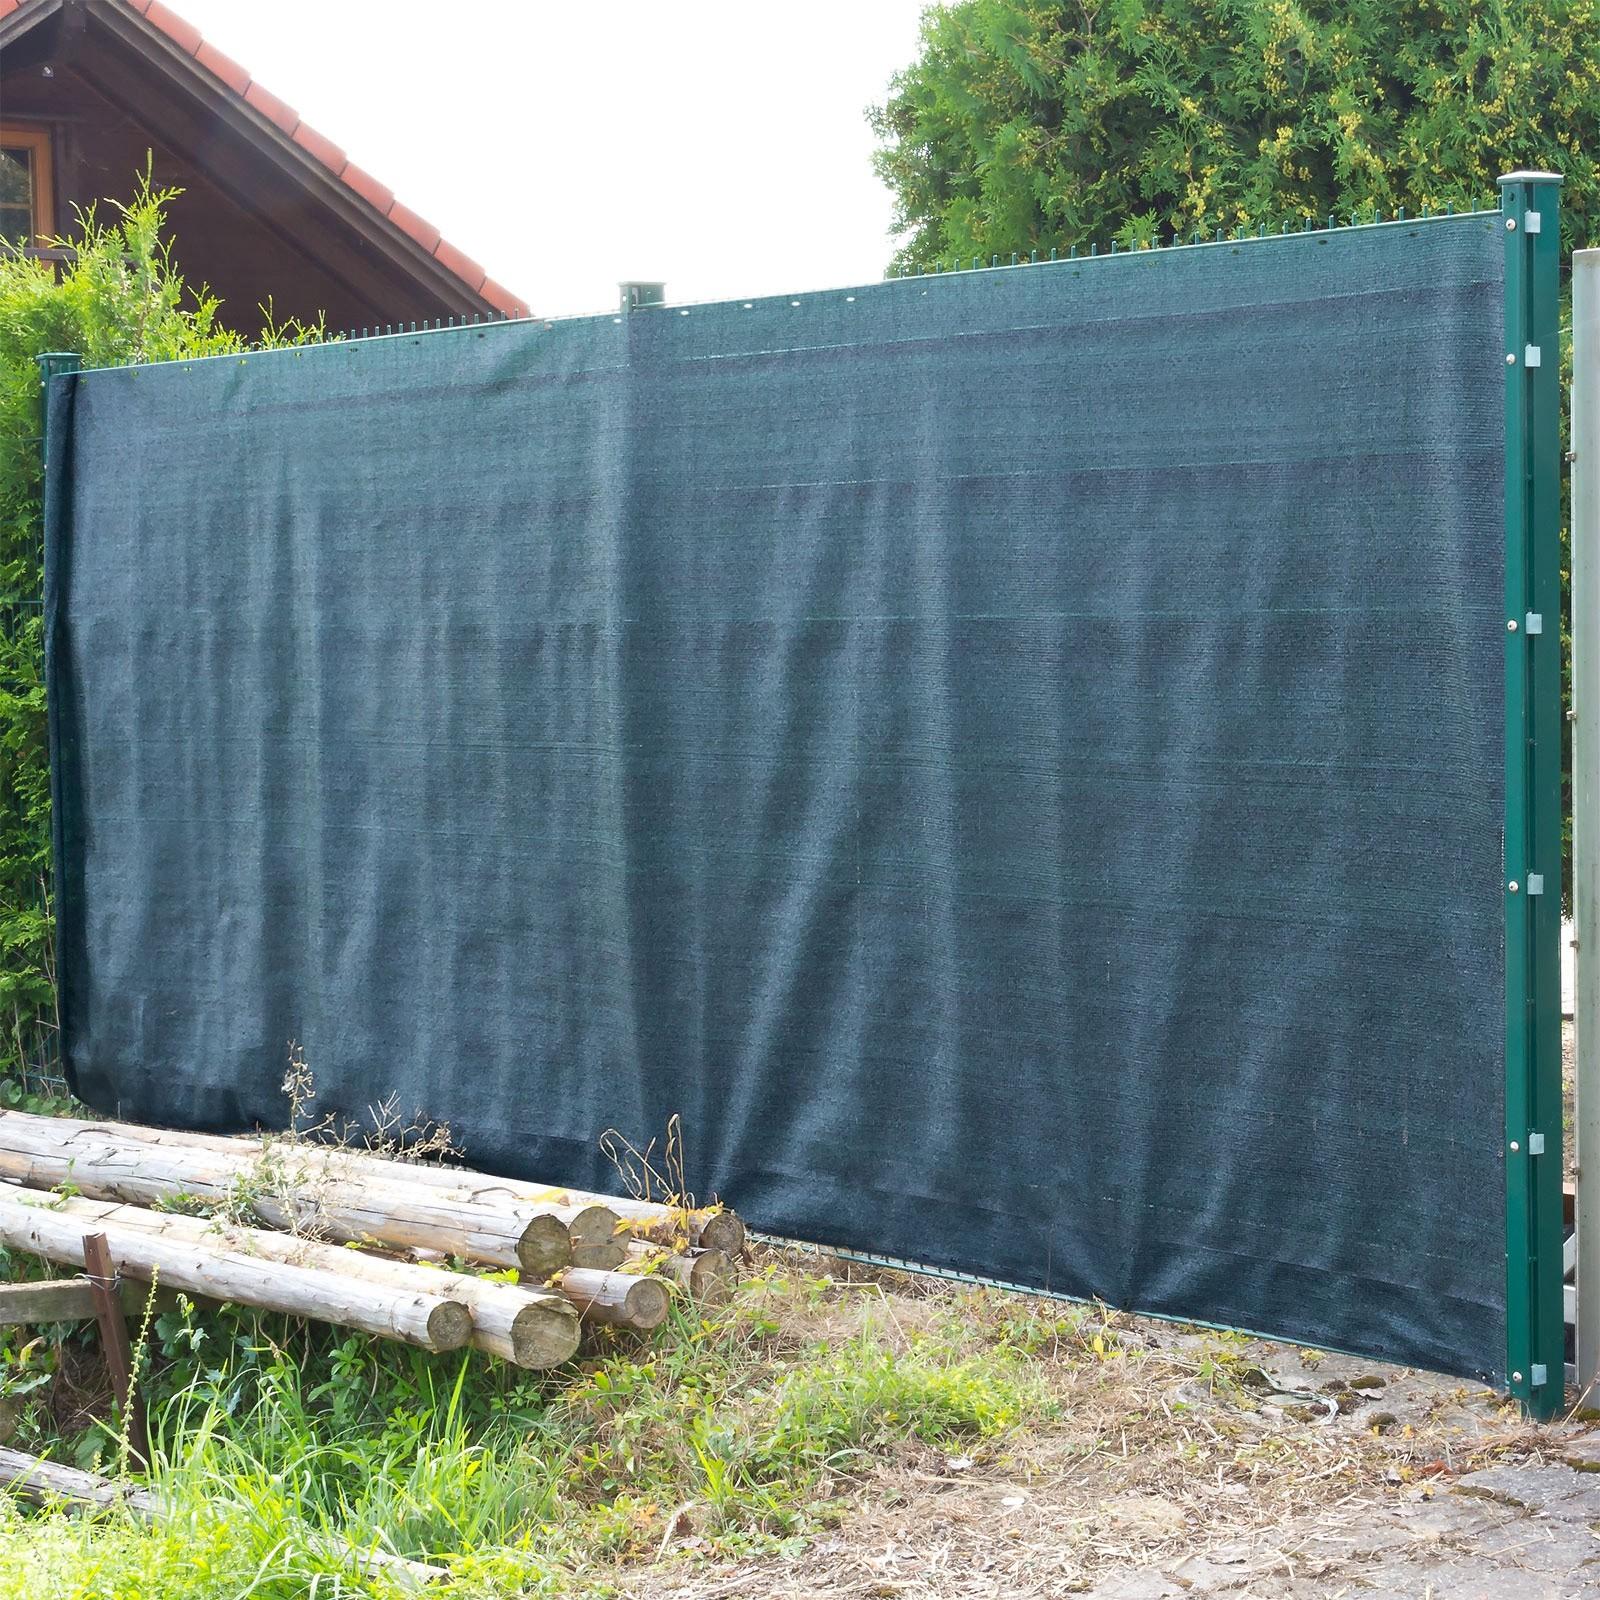 Dema Sichtschutz Zaunblende Tennisblende Windschutz Schattiernetz 25x2 m 31214